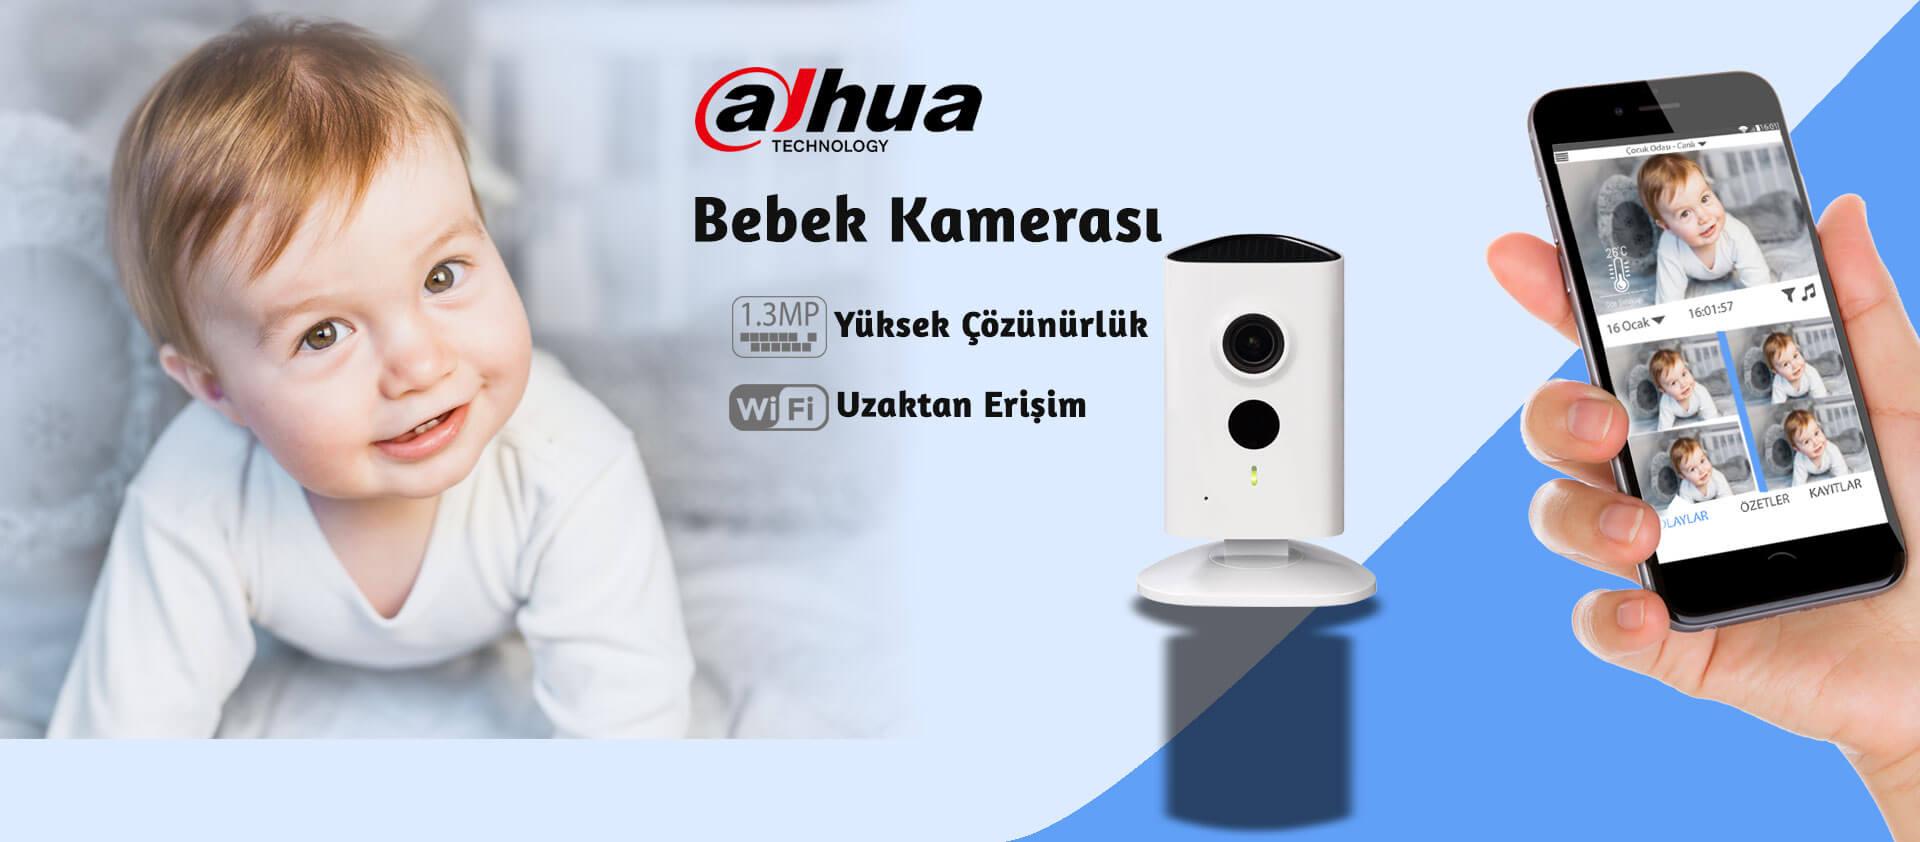 Dahua Bebek Kamerası